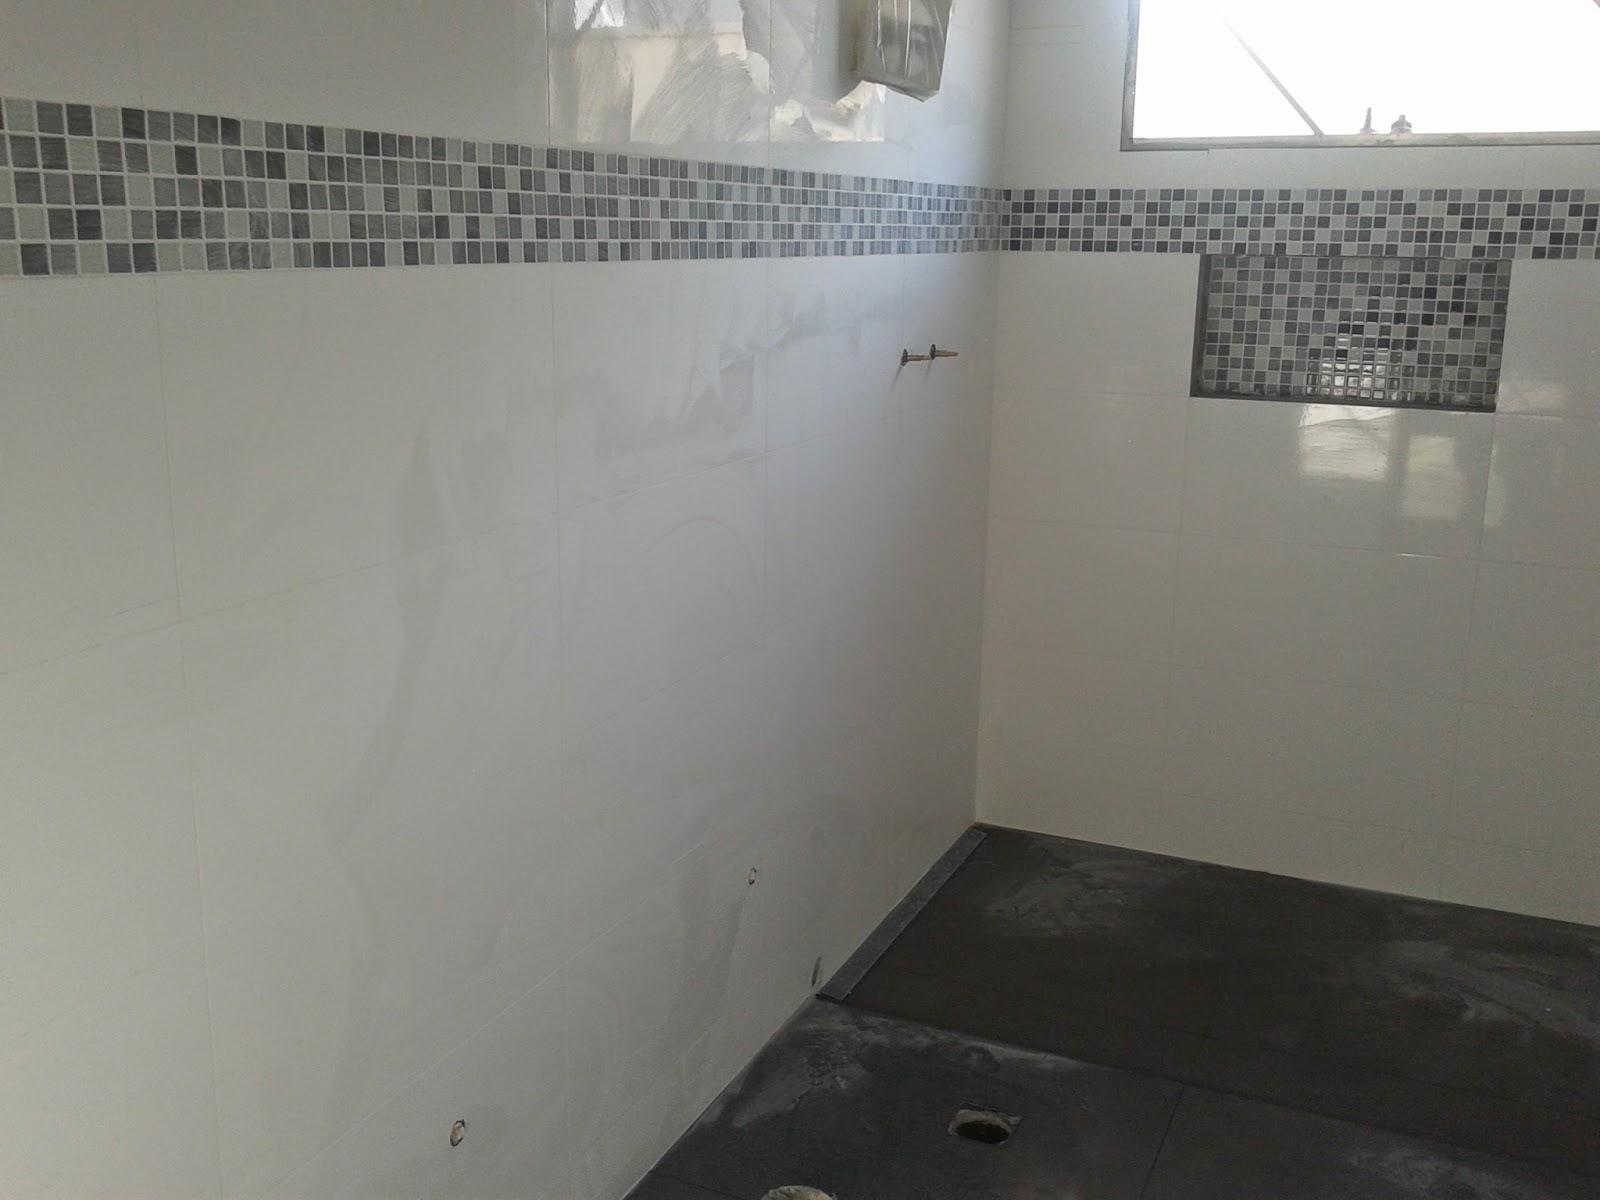 rejunte e com piso correto (cinza por causa do pó do rejunte rs #5D656E 1600x1200 Banheiro Branco Com Rejunte Azul